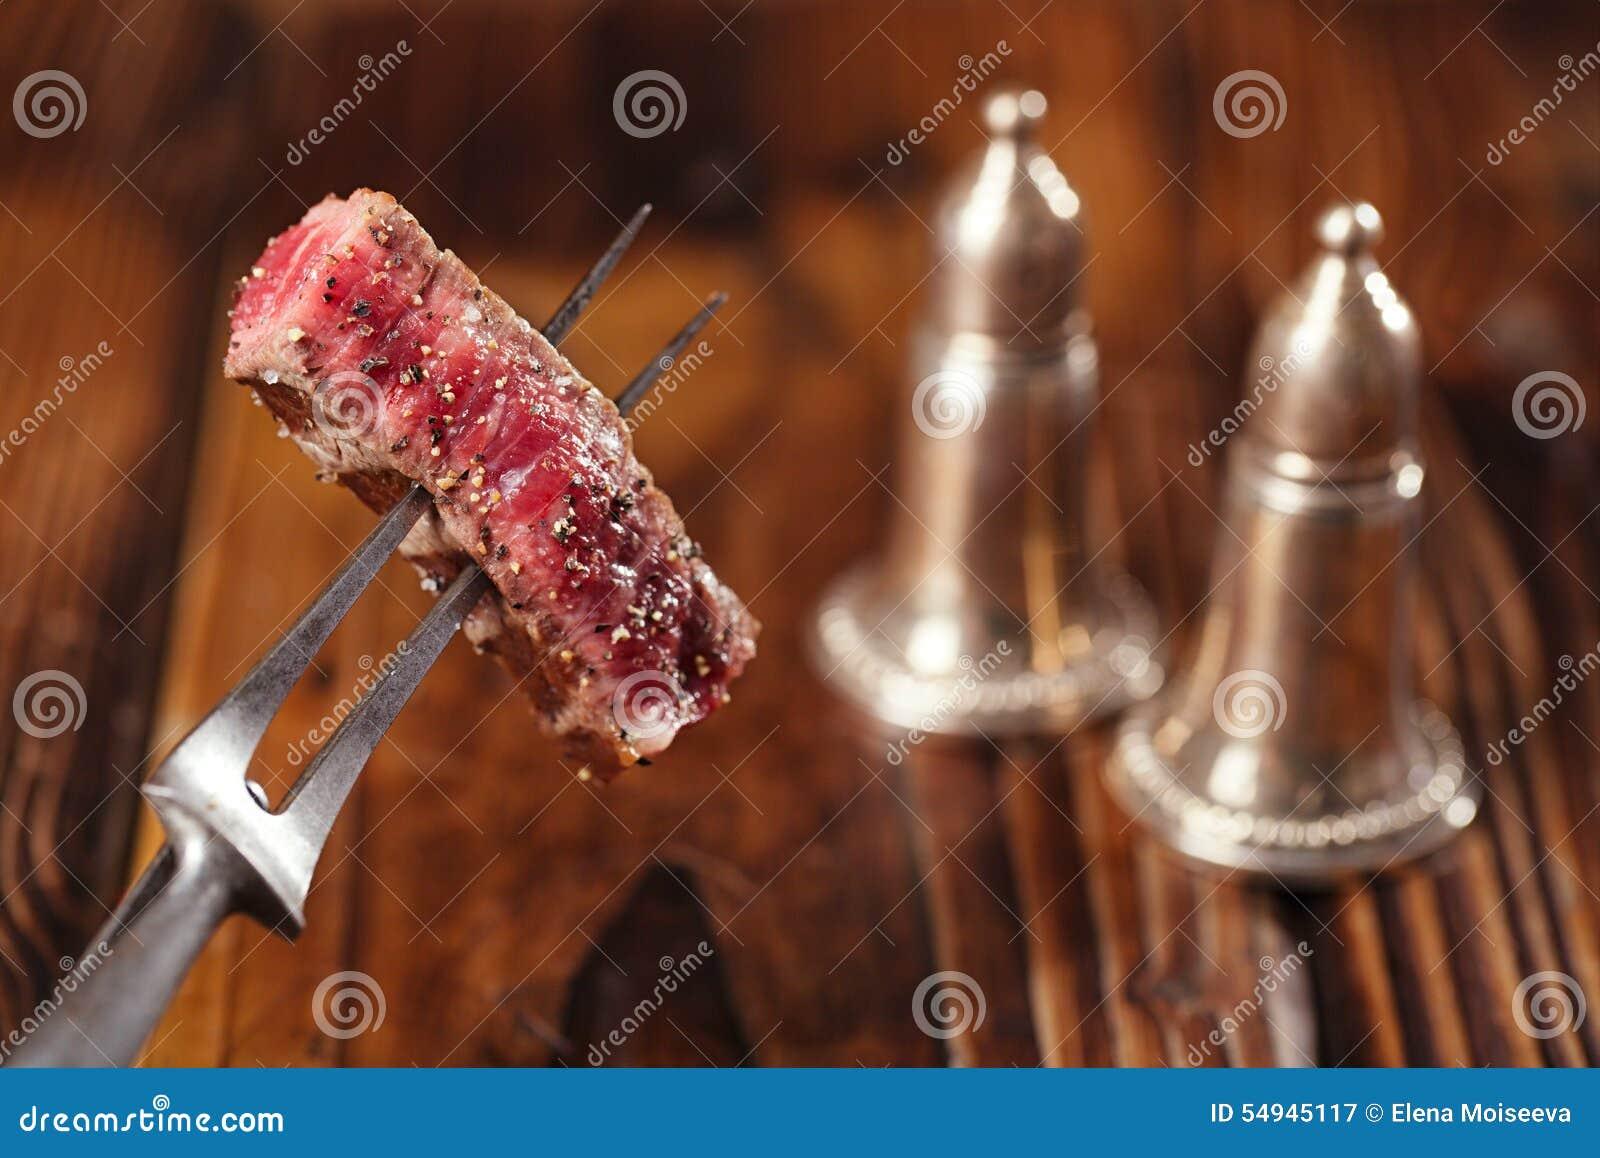 Beef steak Slice on vintage meat fork